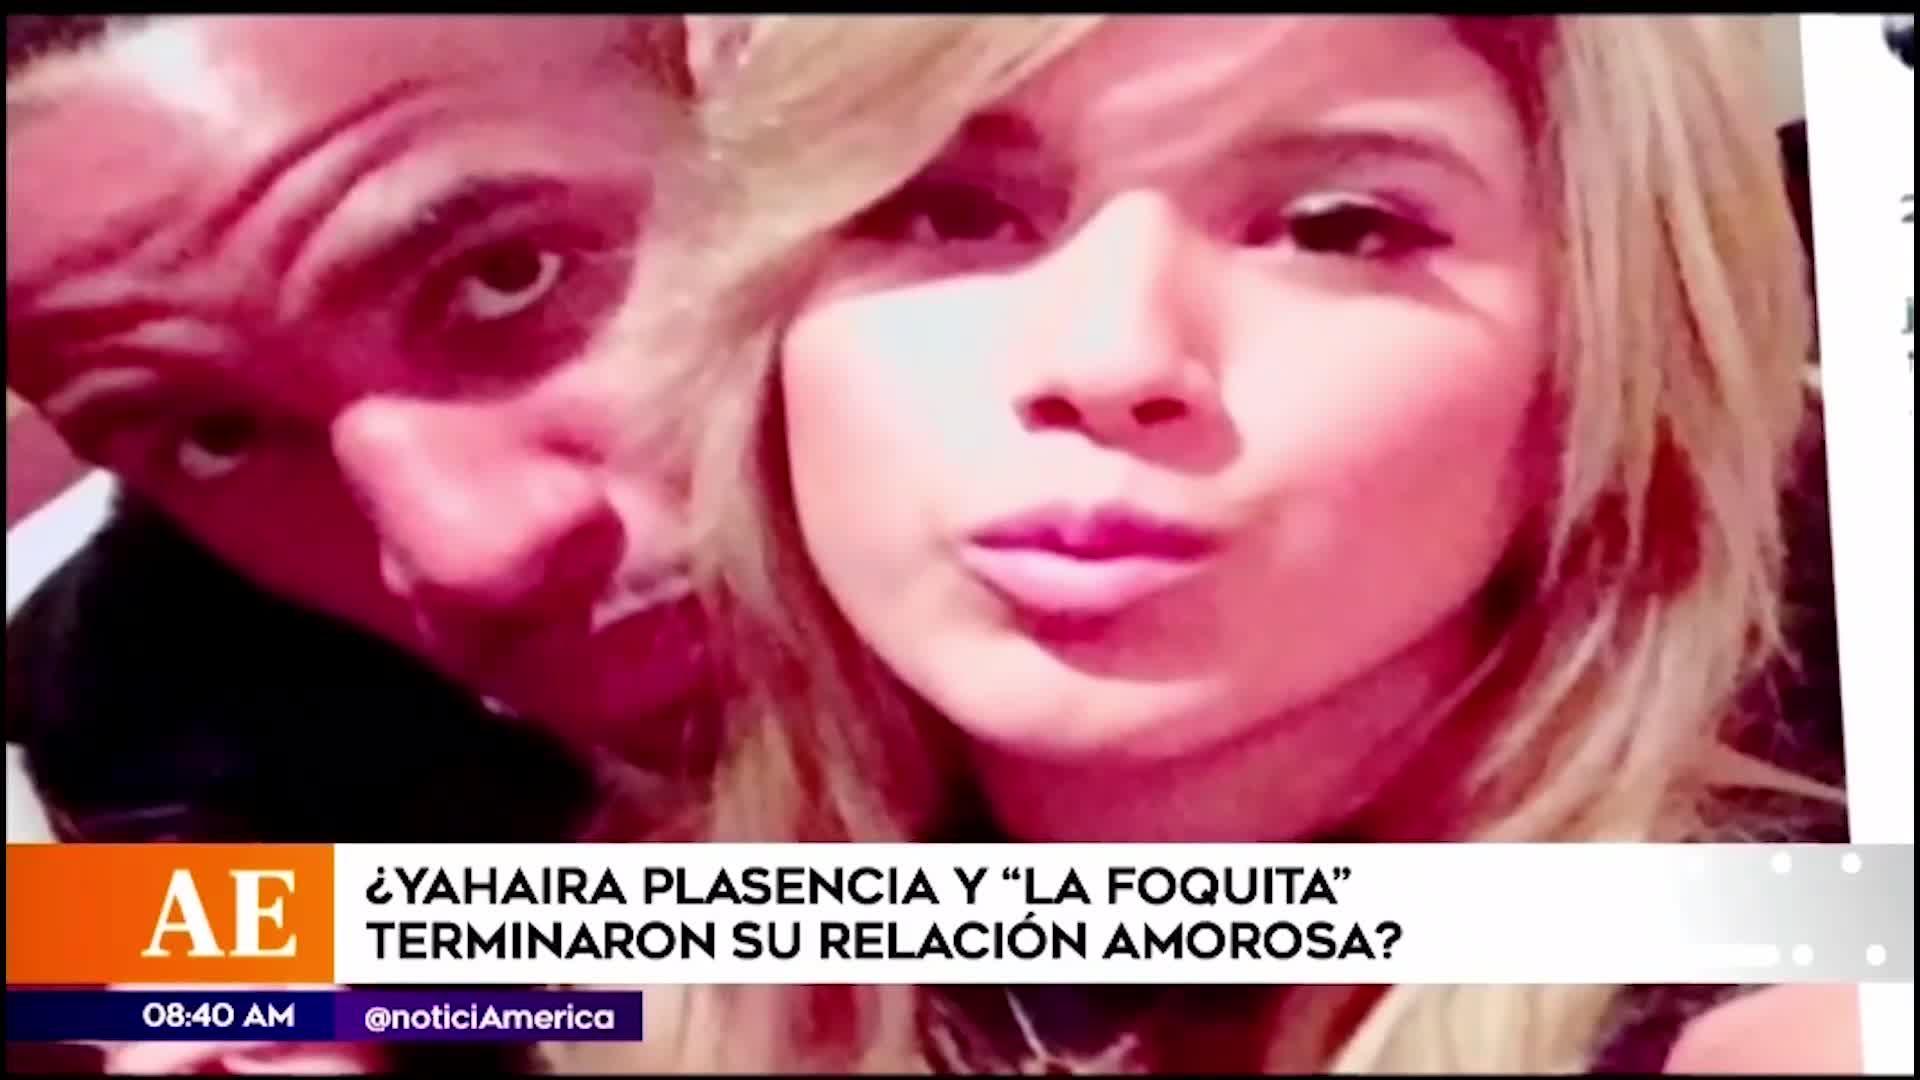 Jefferson Farfán y Yahaira Plasencia habrían finalizado su relación